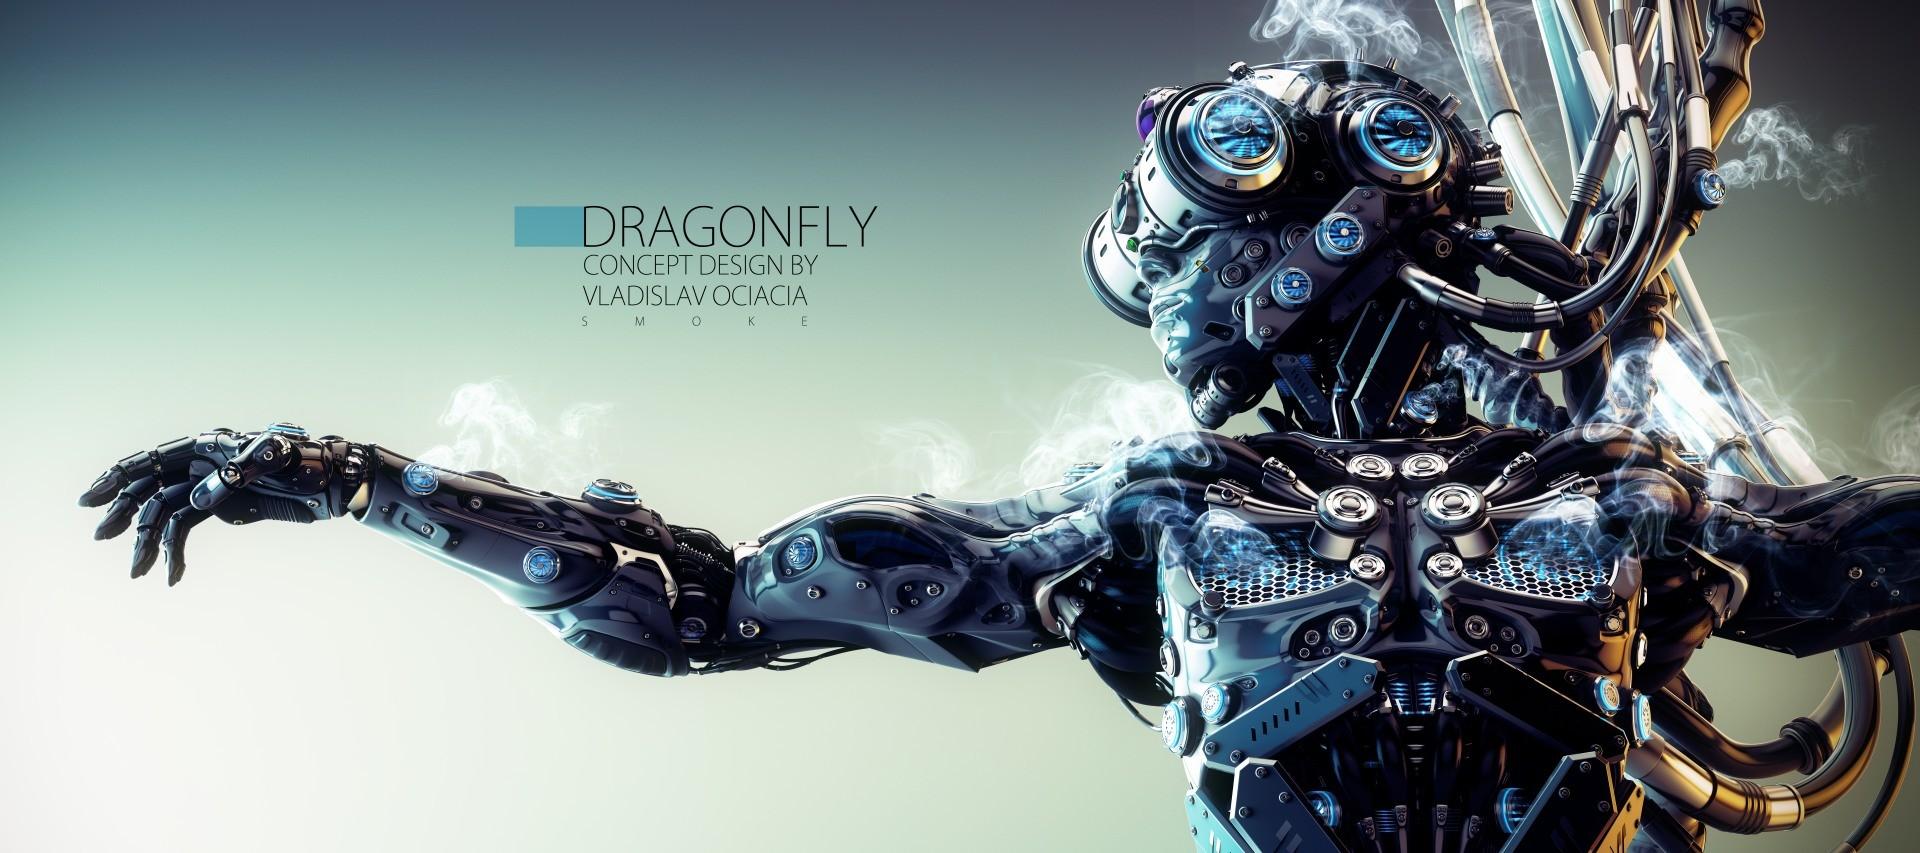 Vladislav ociacia robot dragonfly 12